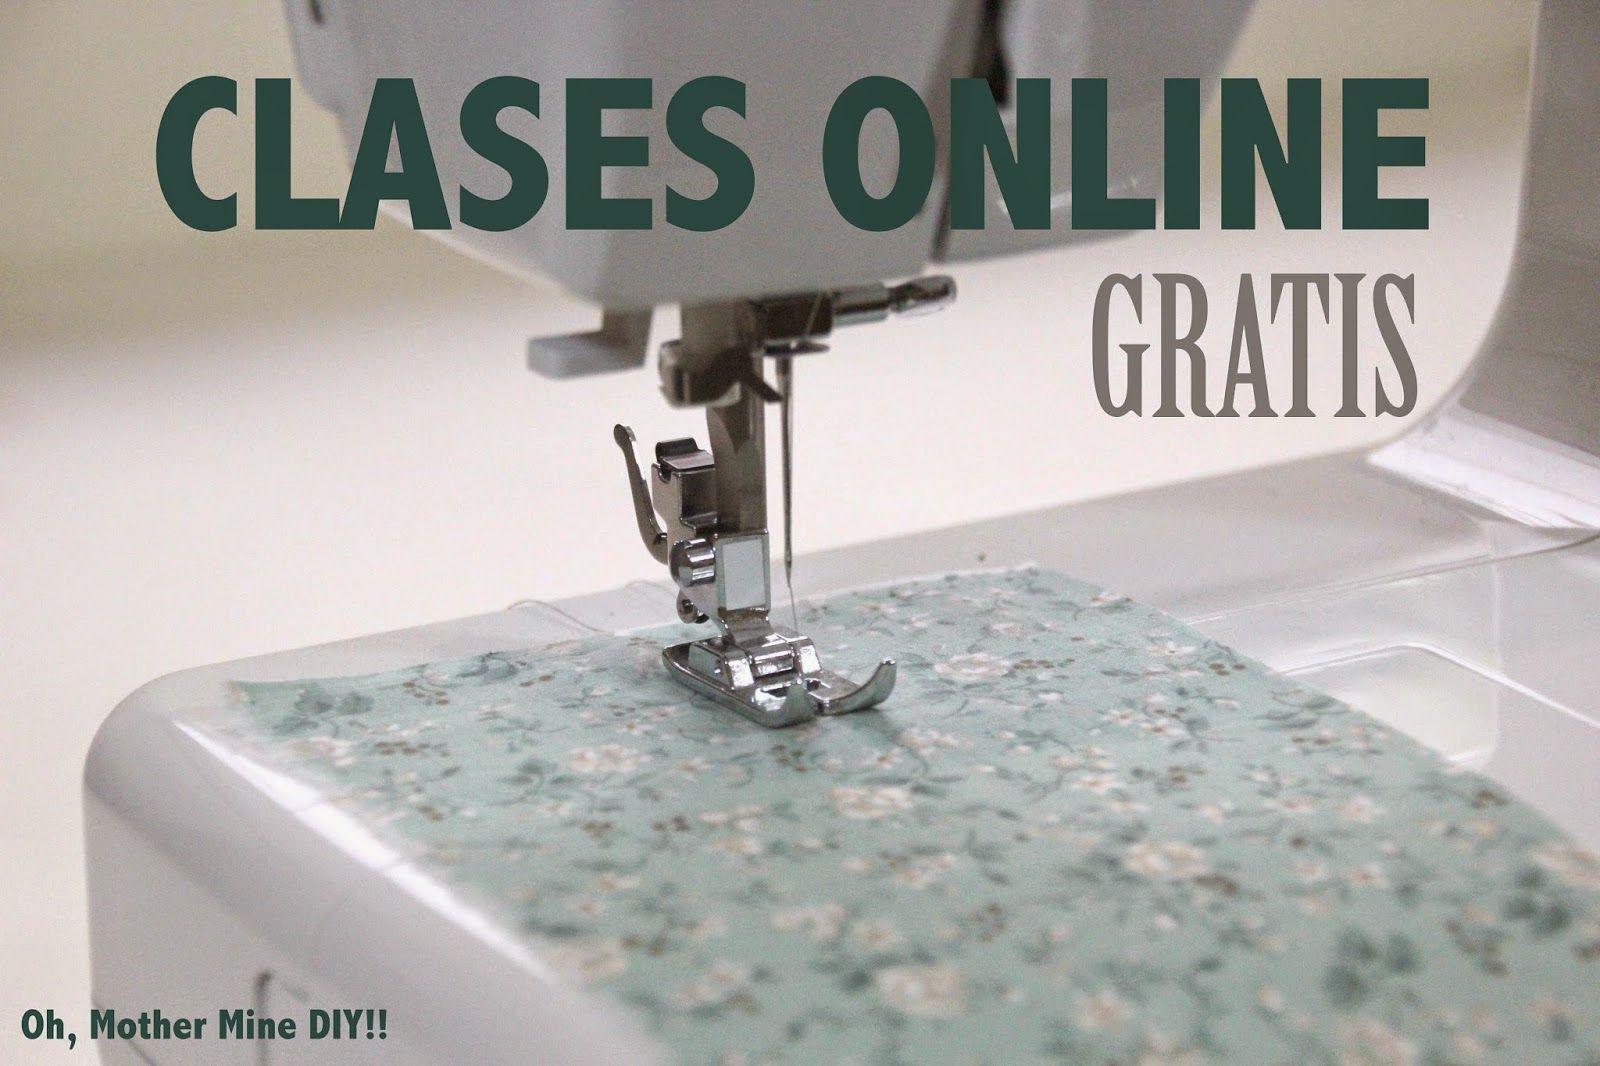 Clases de costura online gratis :D (Oh, Mother Mine DIY!!) | MODA ...